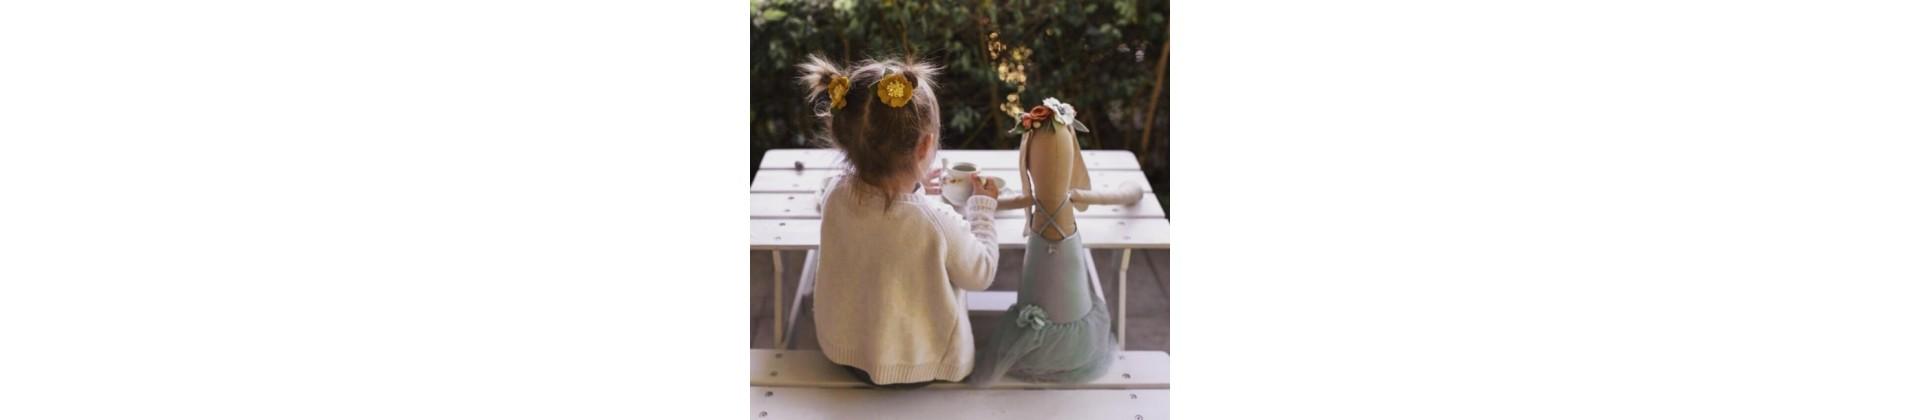 Cadeaux fille 2 ans, 3 ans, 4 ans : idées cadeaux originales pour petite fille